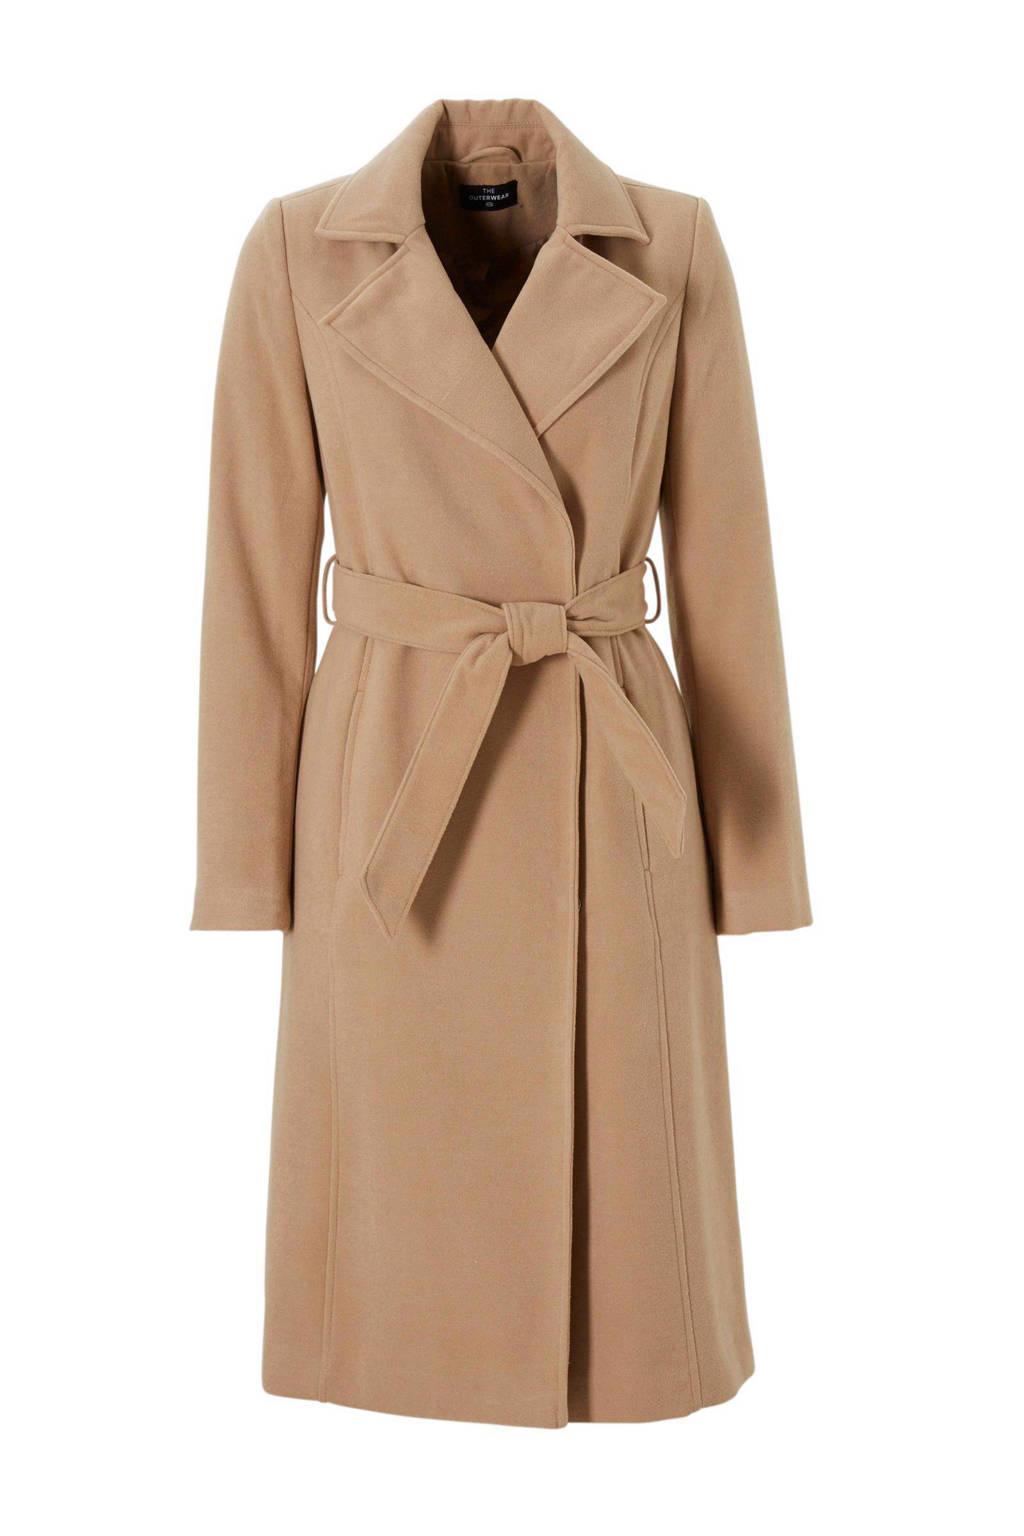 frisse stijlen professionele verkoop beste deals voor C&A Canda coat | wehkamp